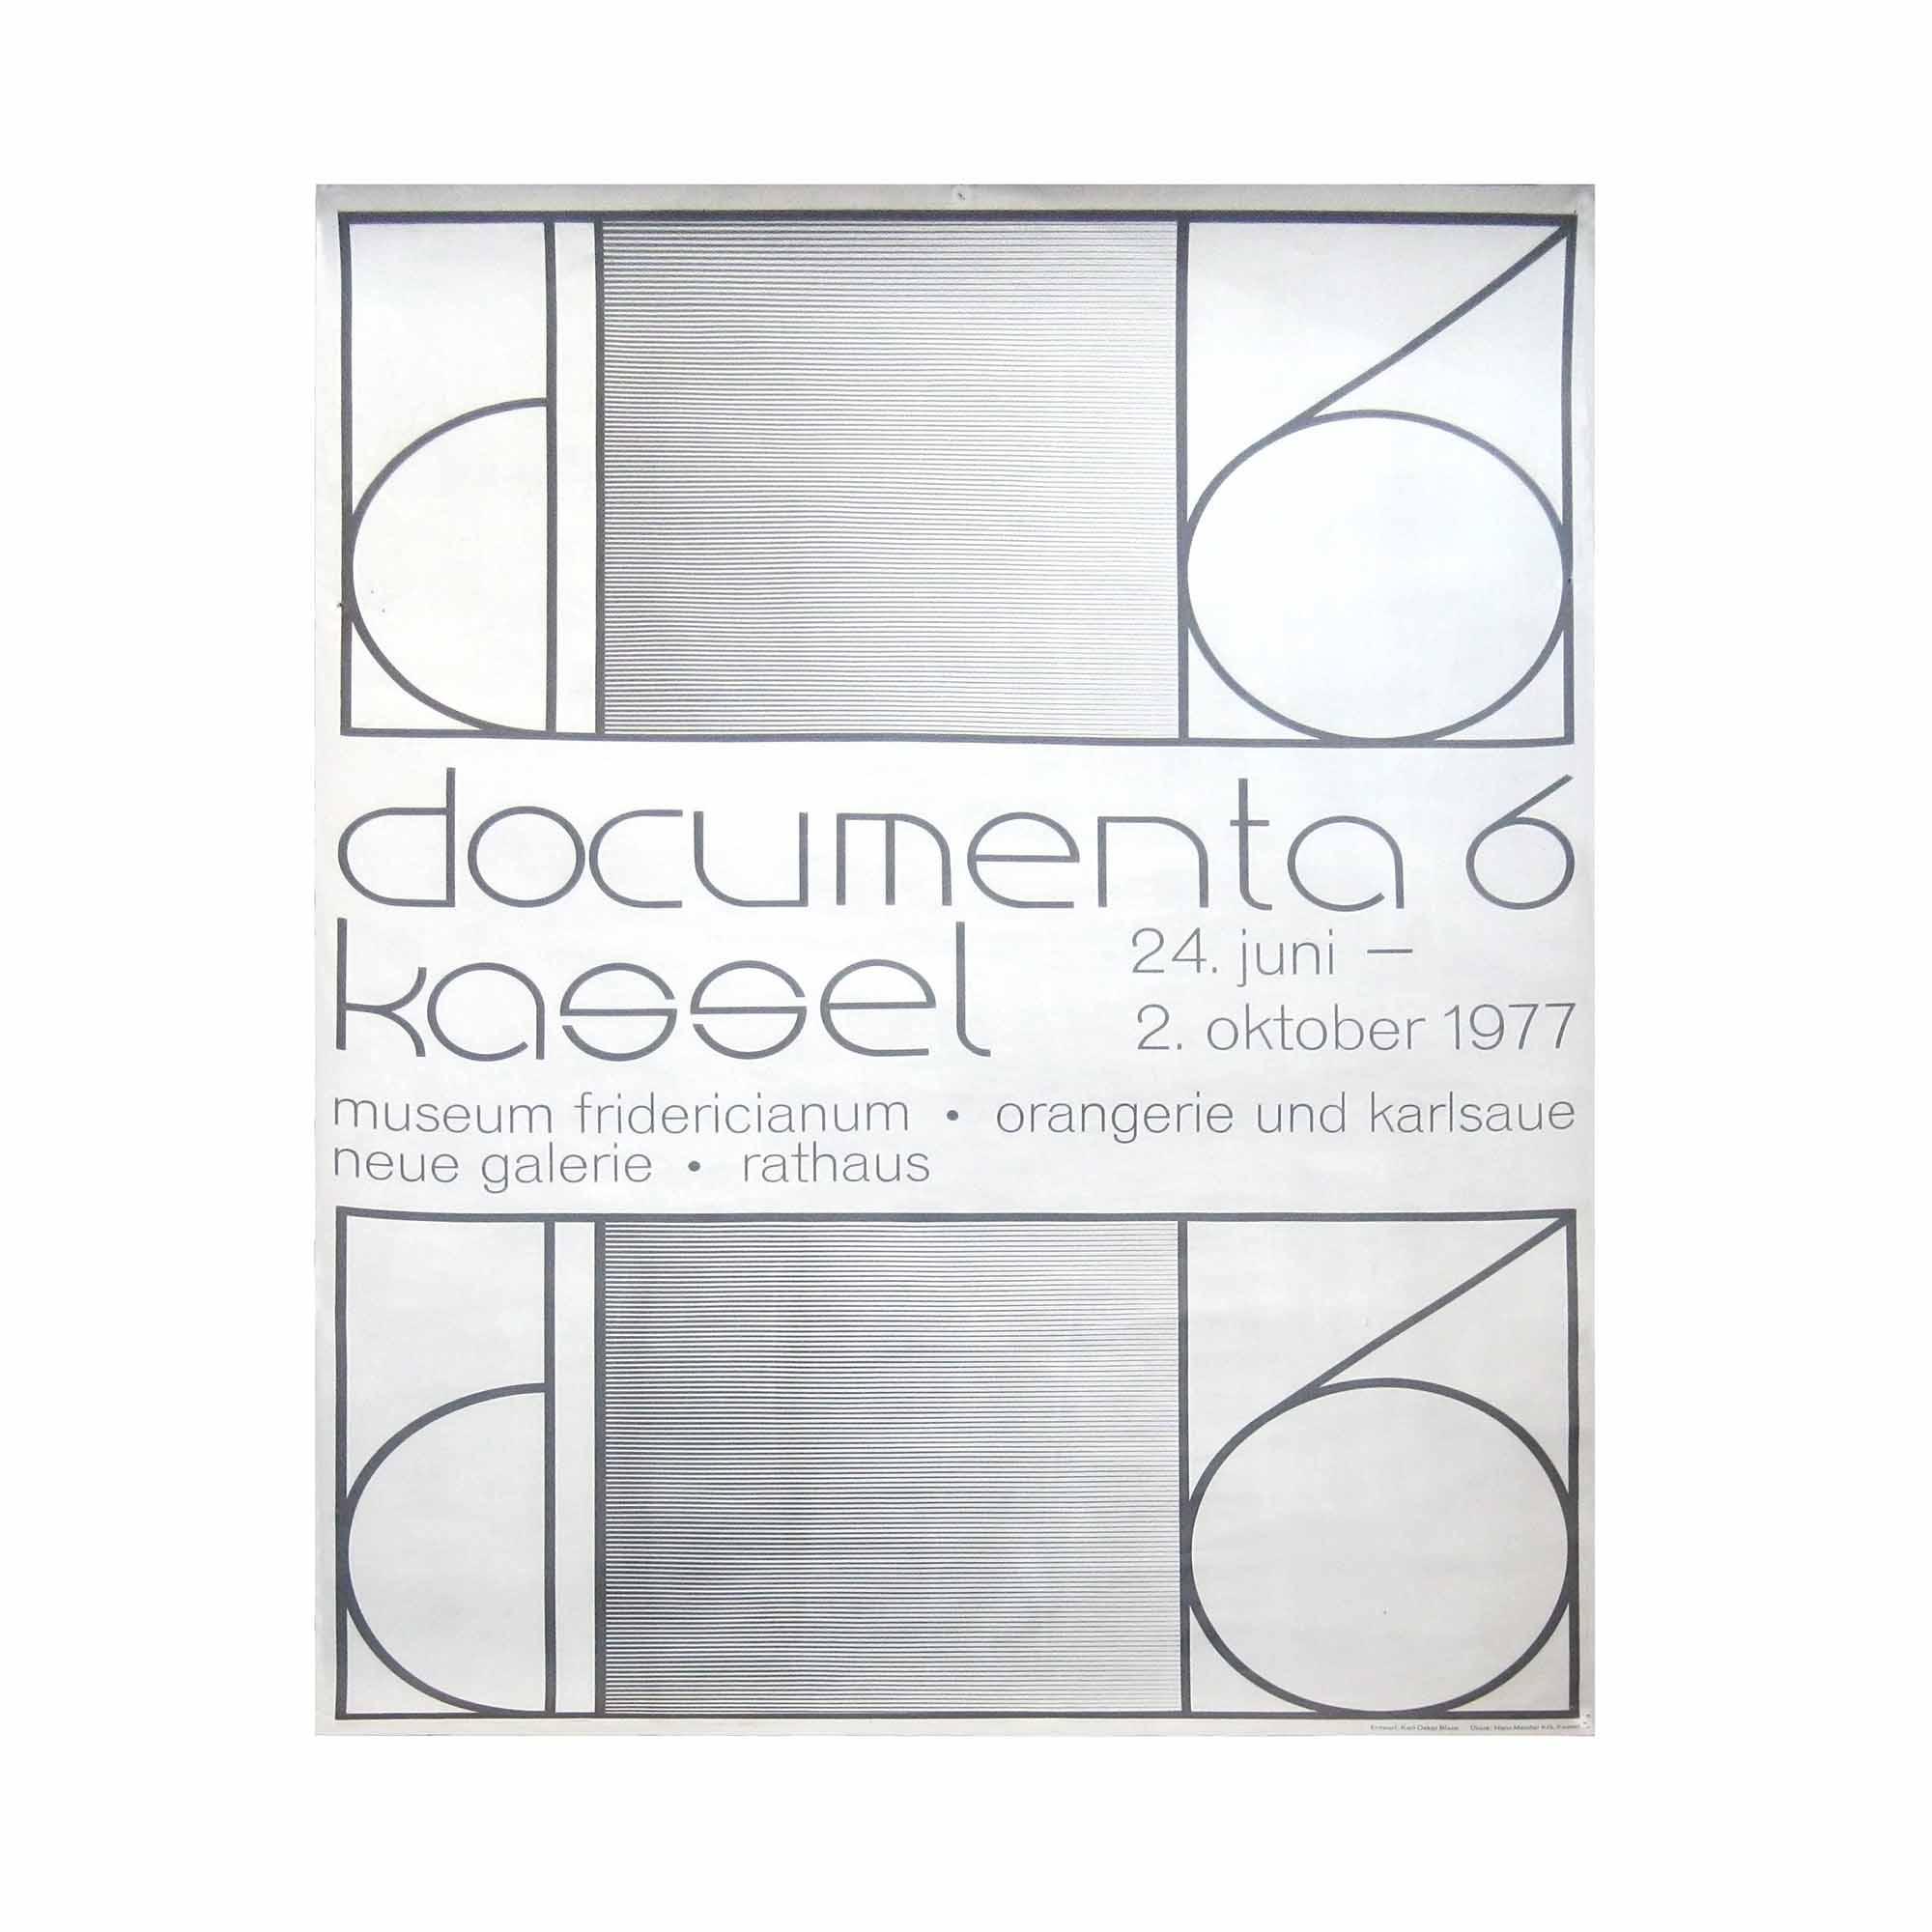 8042-Plakat-Documenta-Kassel-1977-N.jpg